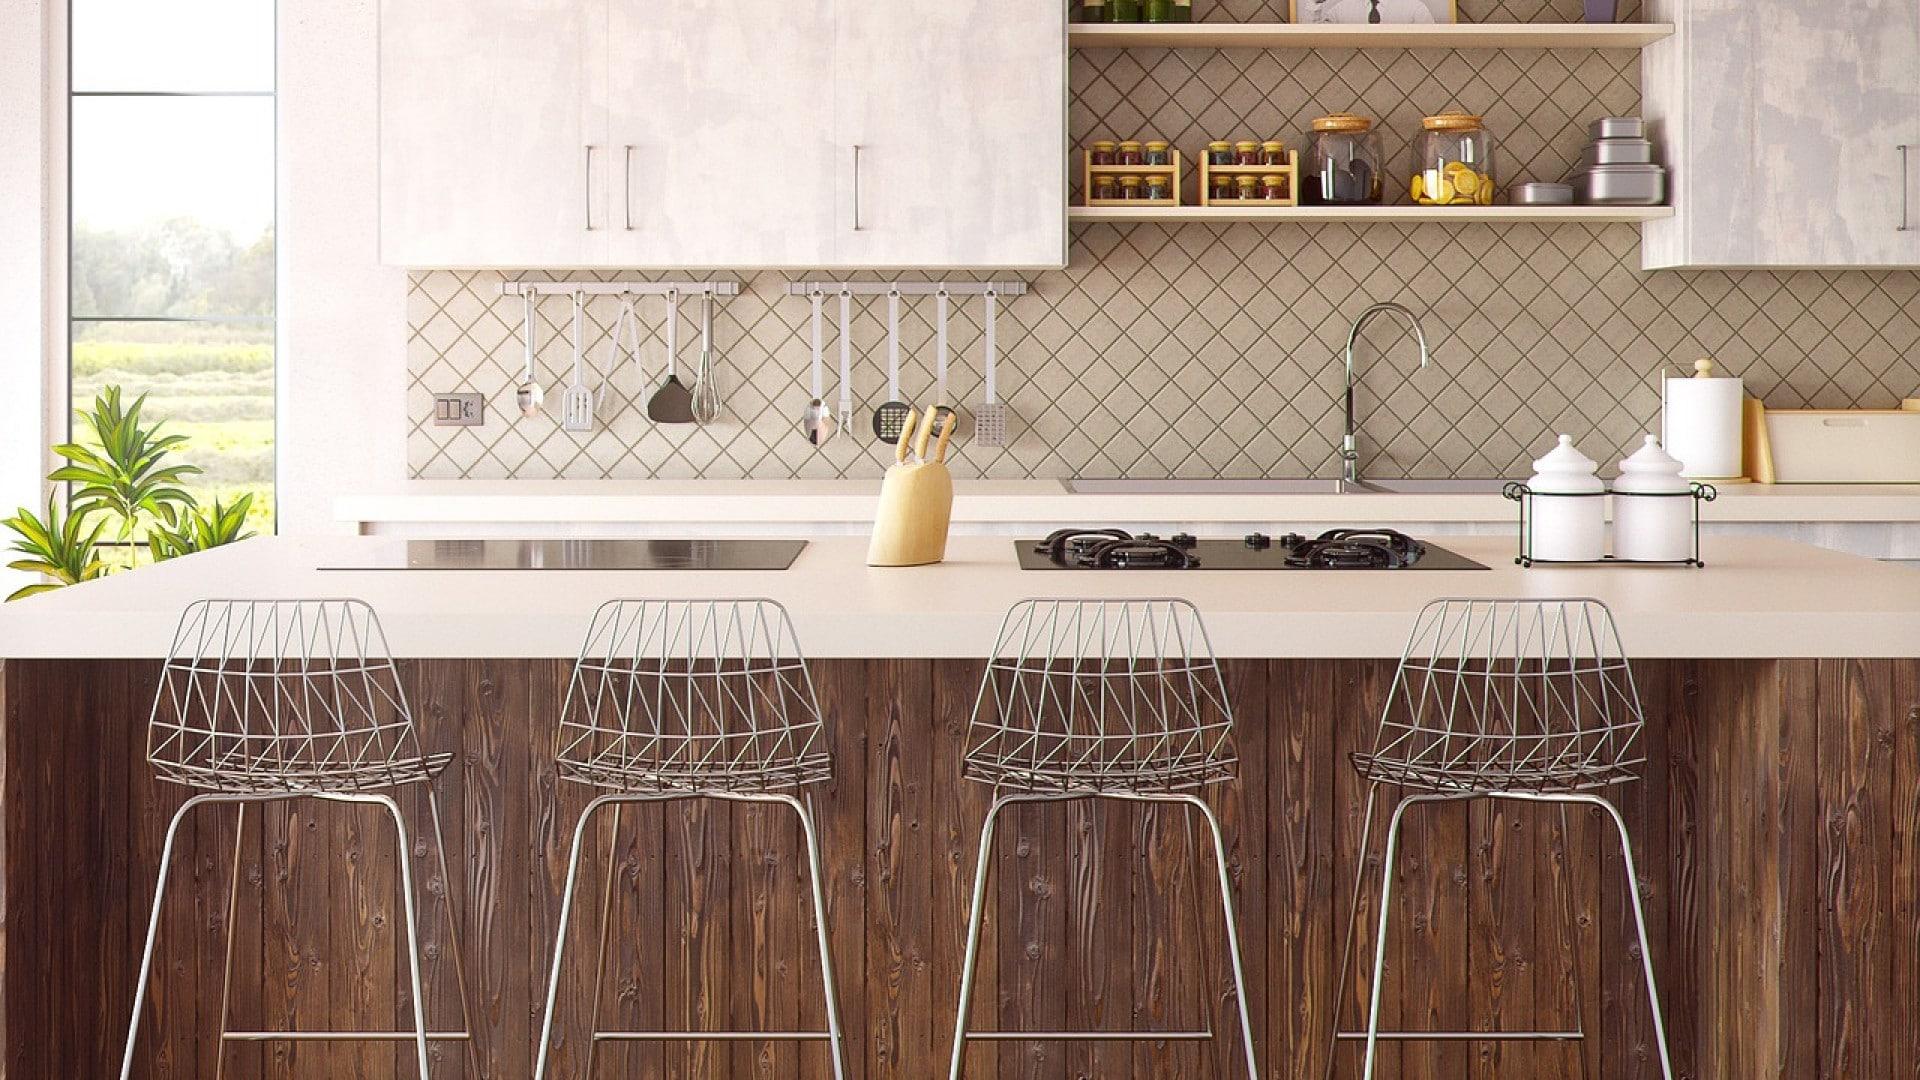 Quels avantages avez-vous à installer des meubles industriels dans votre restaurant ?